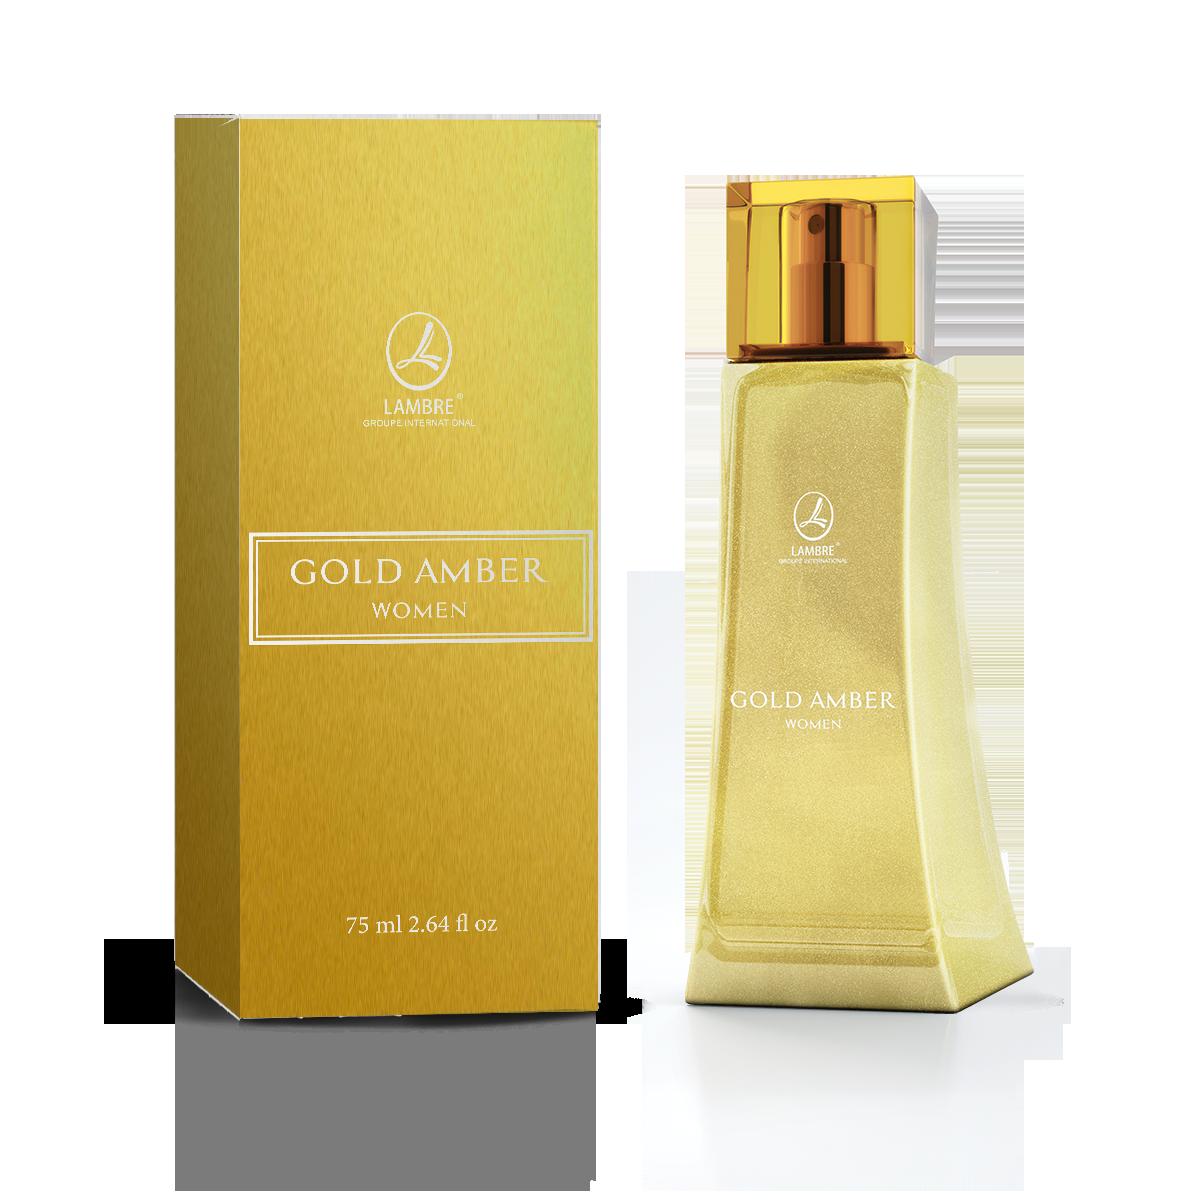 Gold Amber Women, парфюмерная вода 75 мл